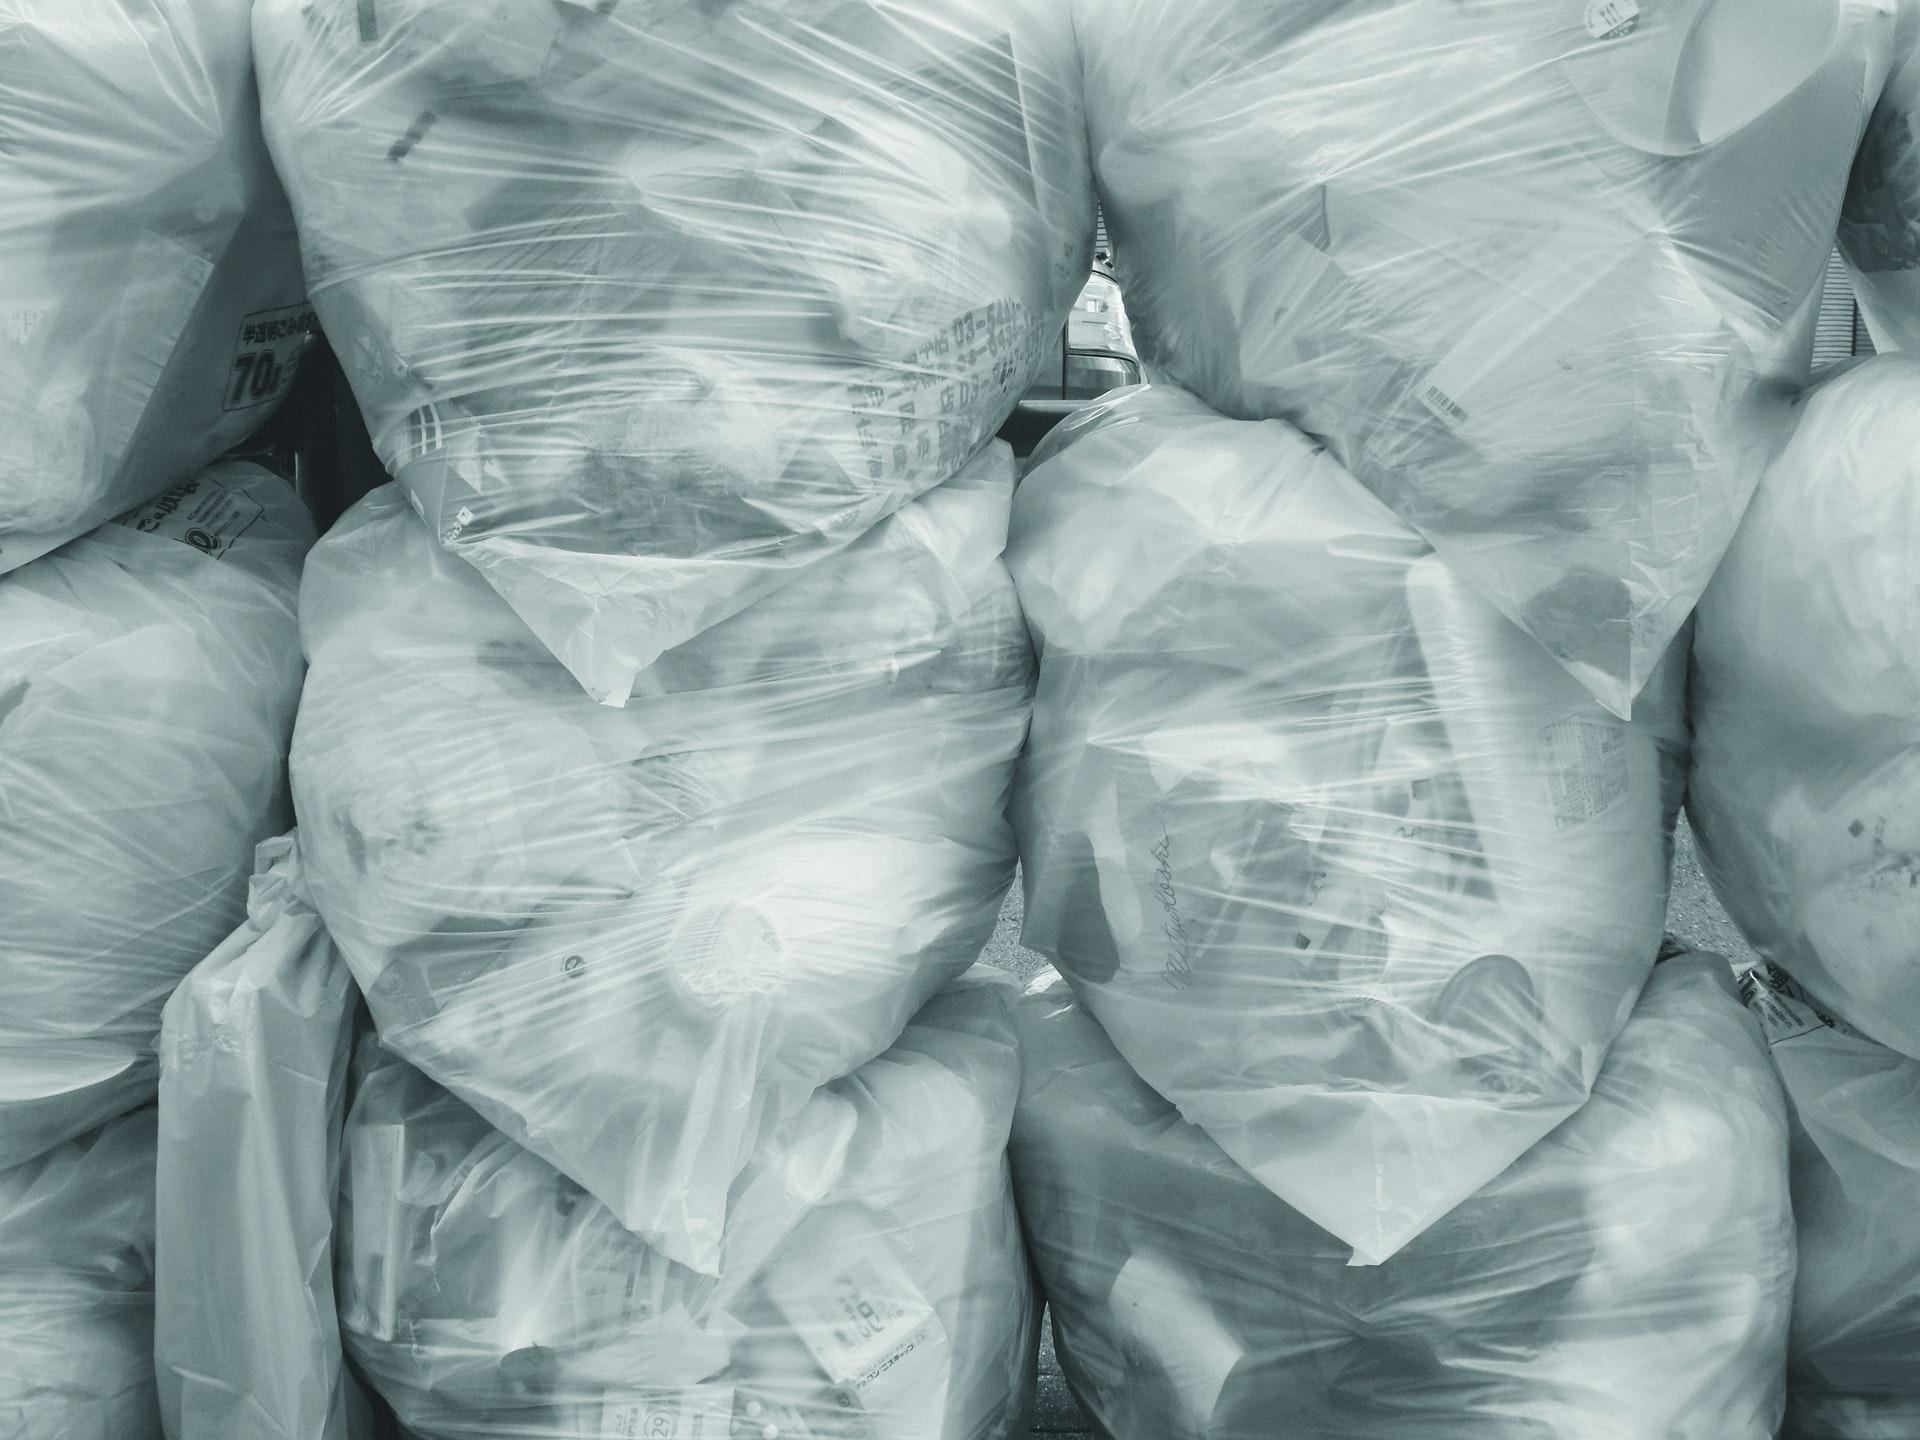 Испания запретит пластиковую упаковку для фруктов и овощей с 2023 года